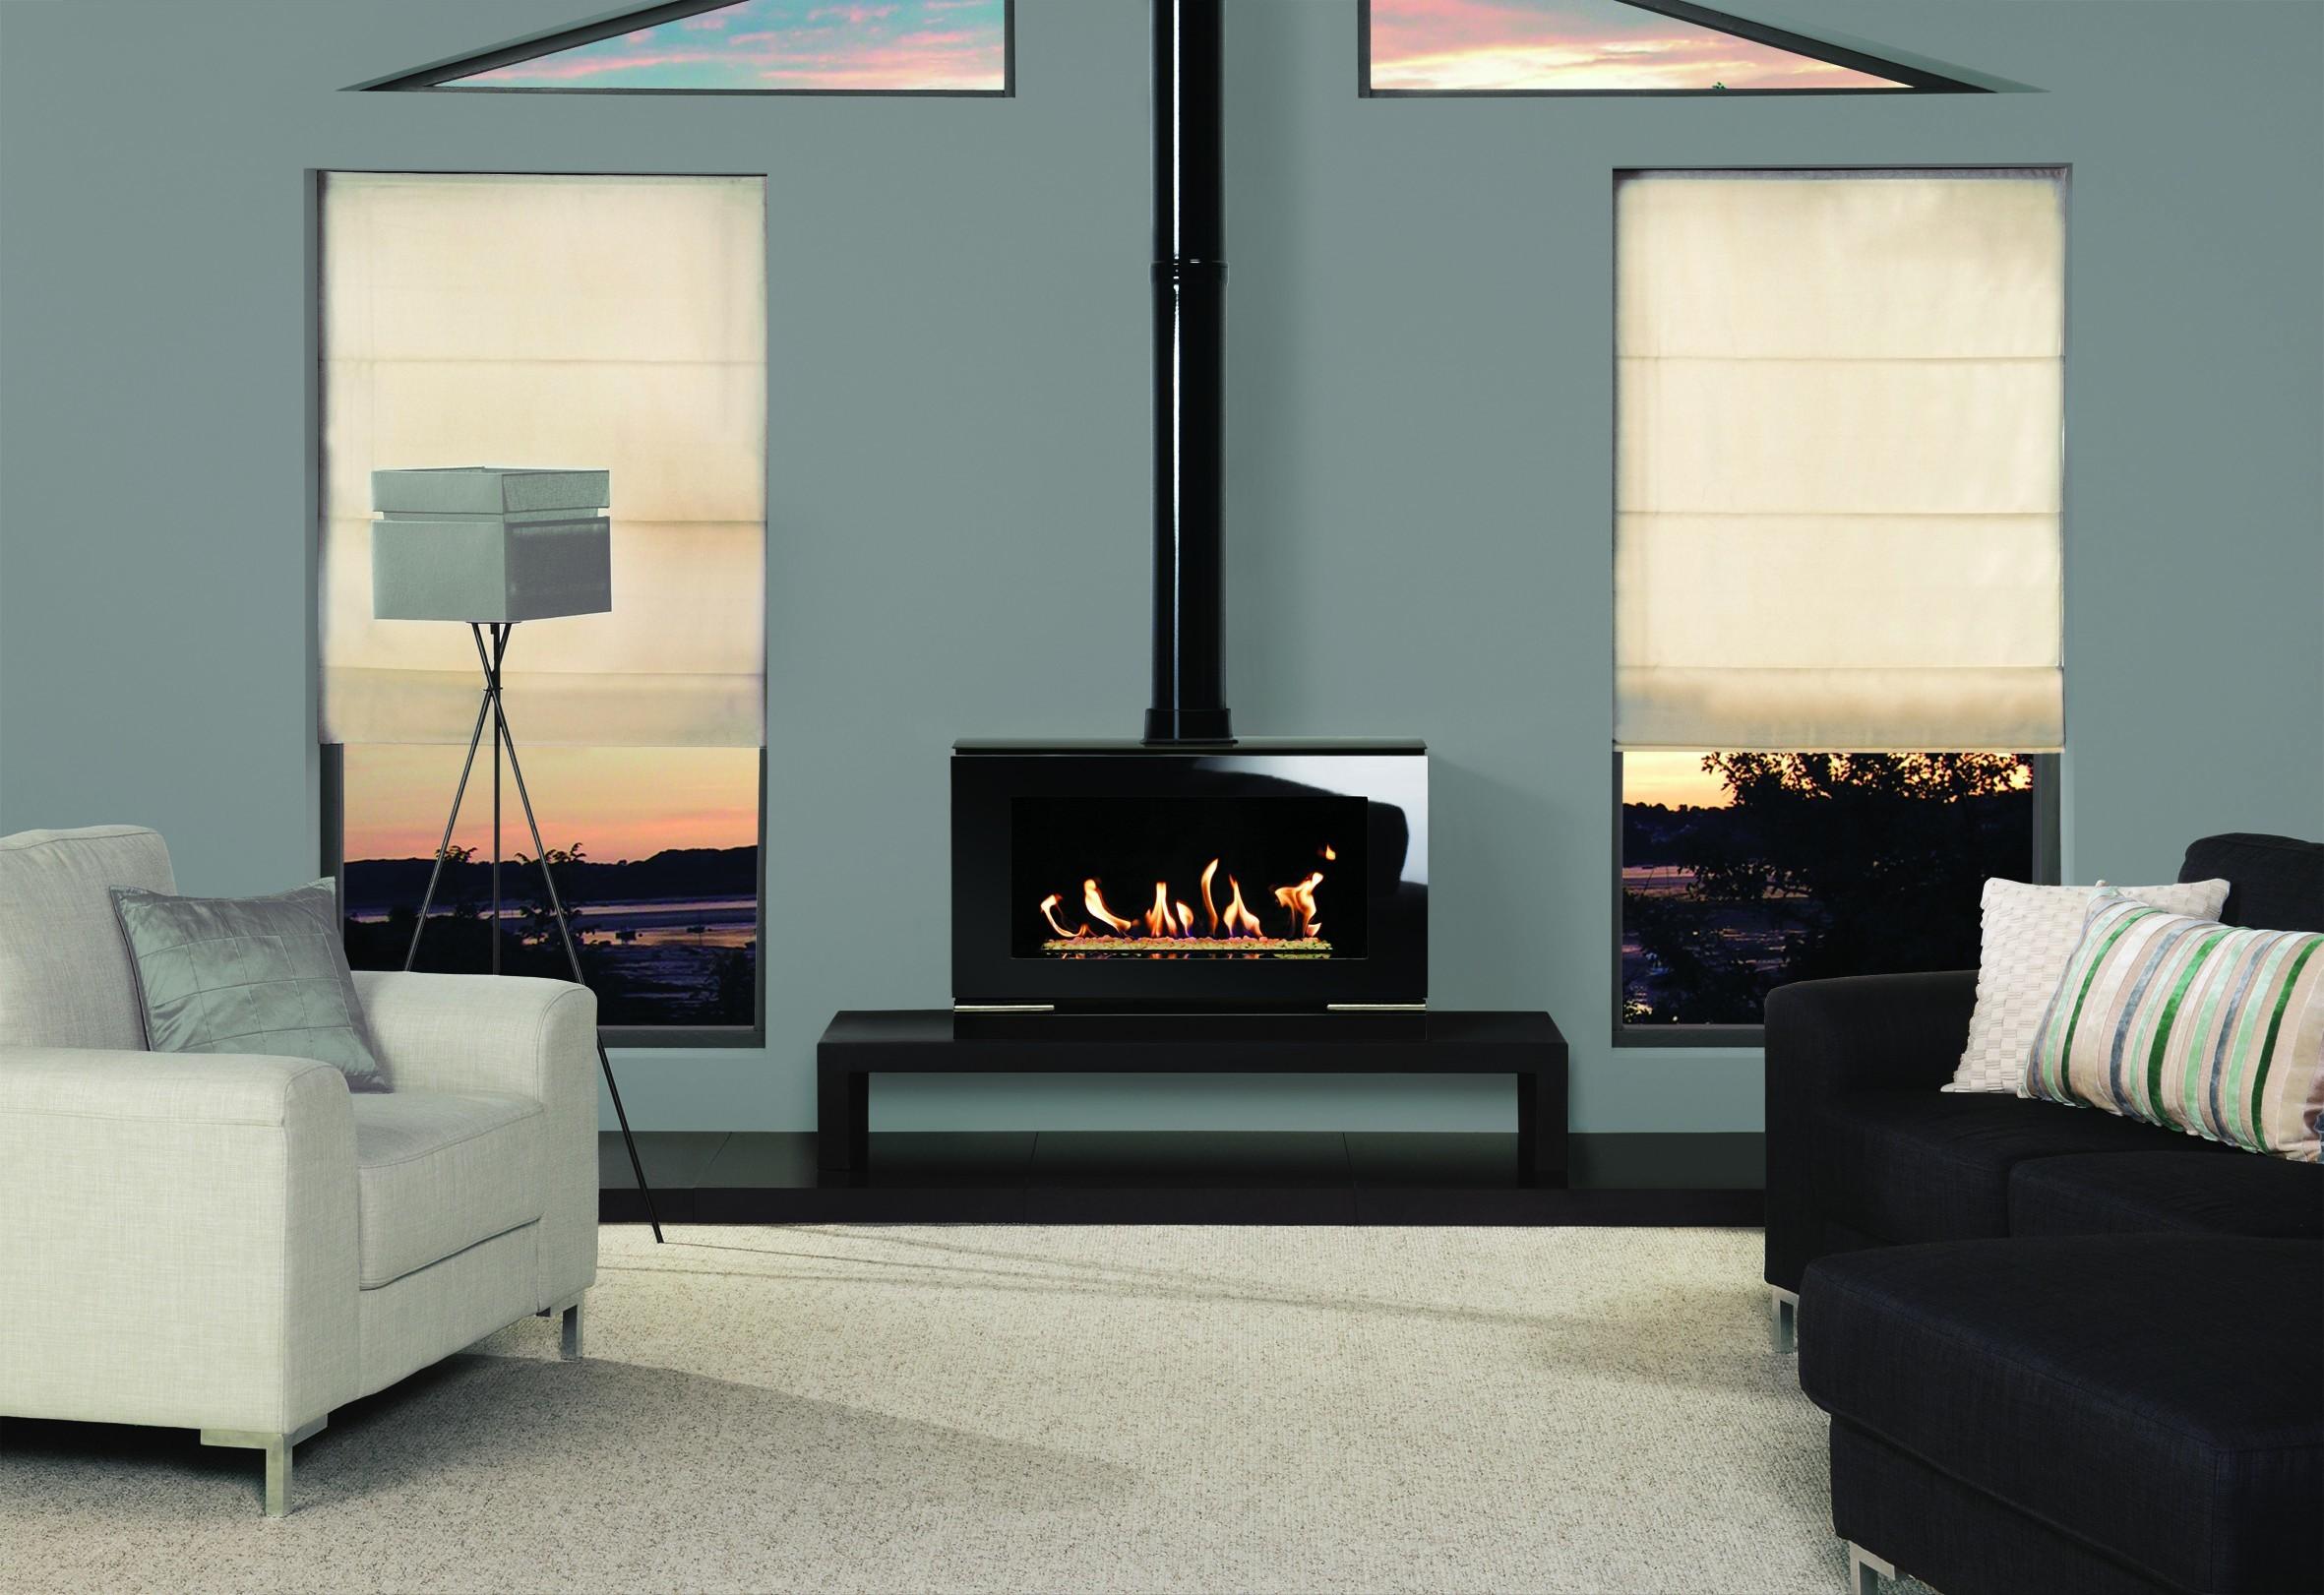 Лаконичность стиля приветствует однотонную обивку на мебели. Она может быть тканевой или выполненной из глянцевой кожи.